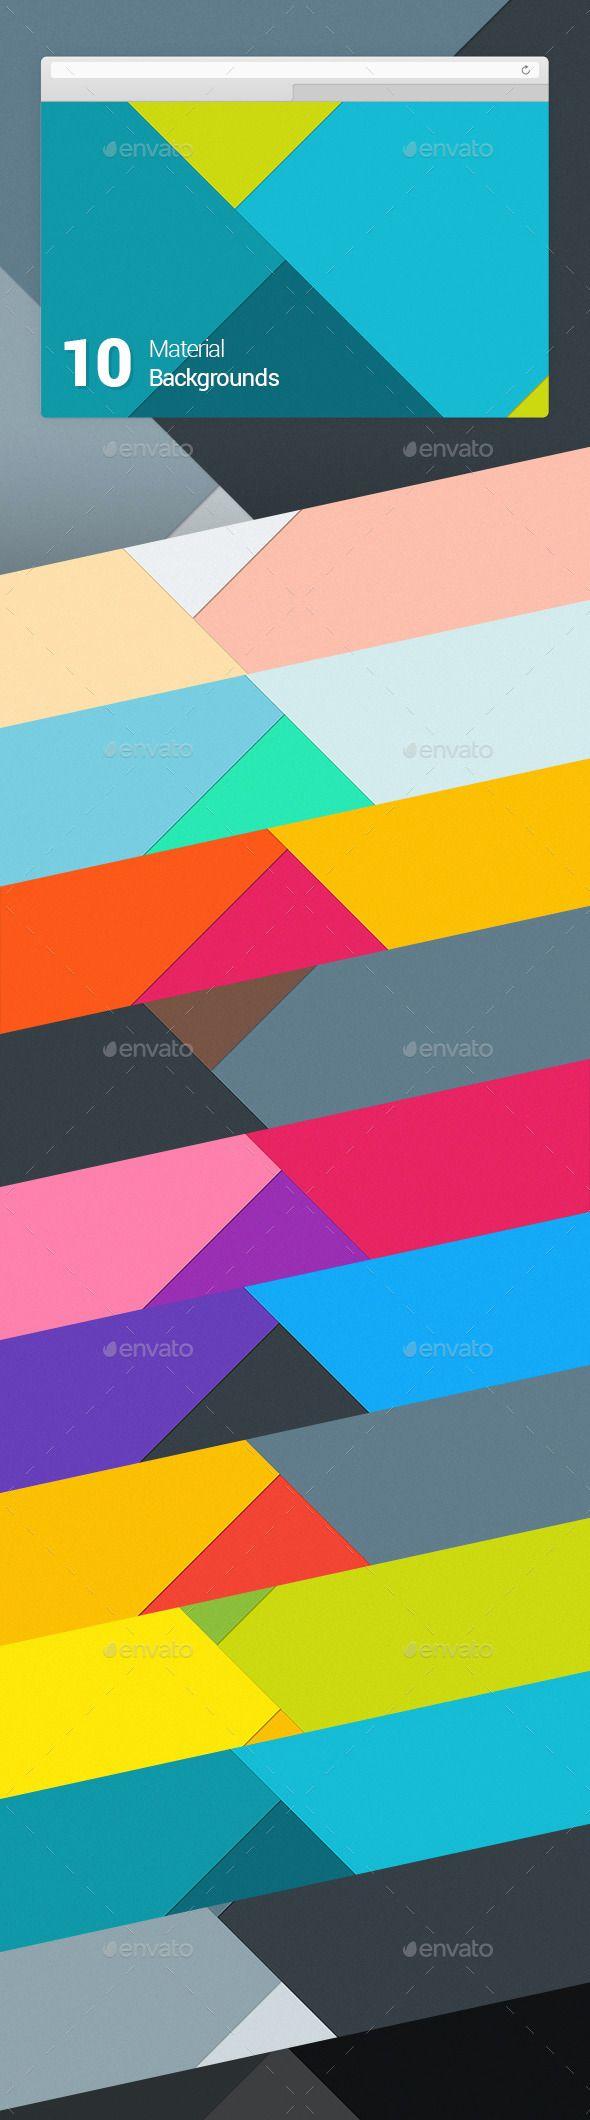 10 Material Design Backgrounds #design Download: http://graphicriver.net/item/10-material-design-backgrounds-vol-1/9981112?ref=ksioks